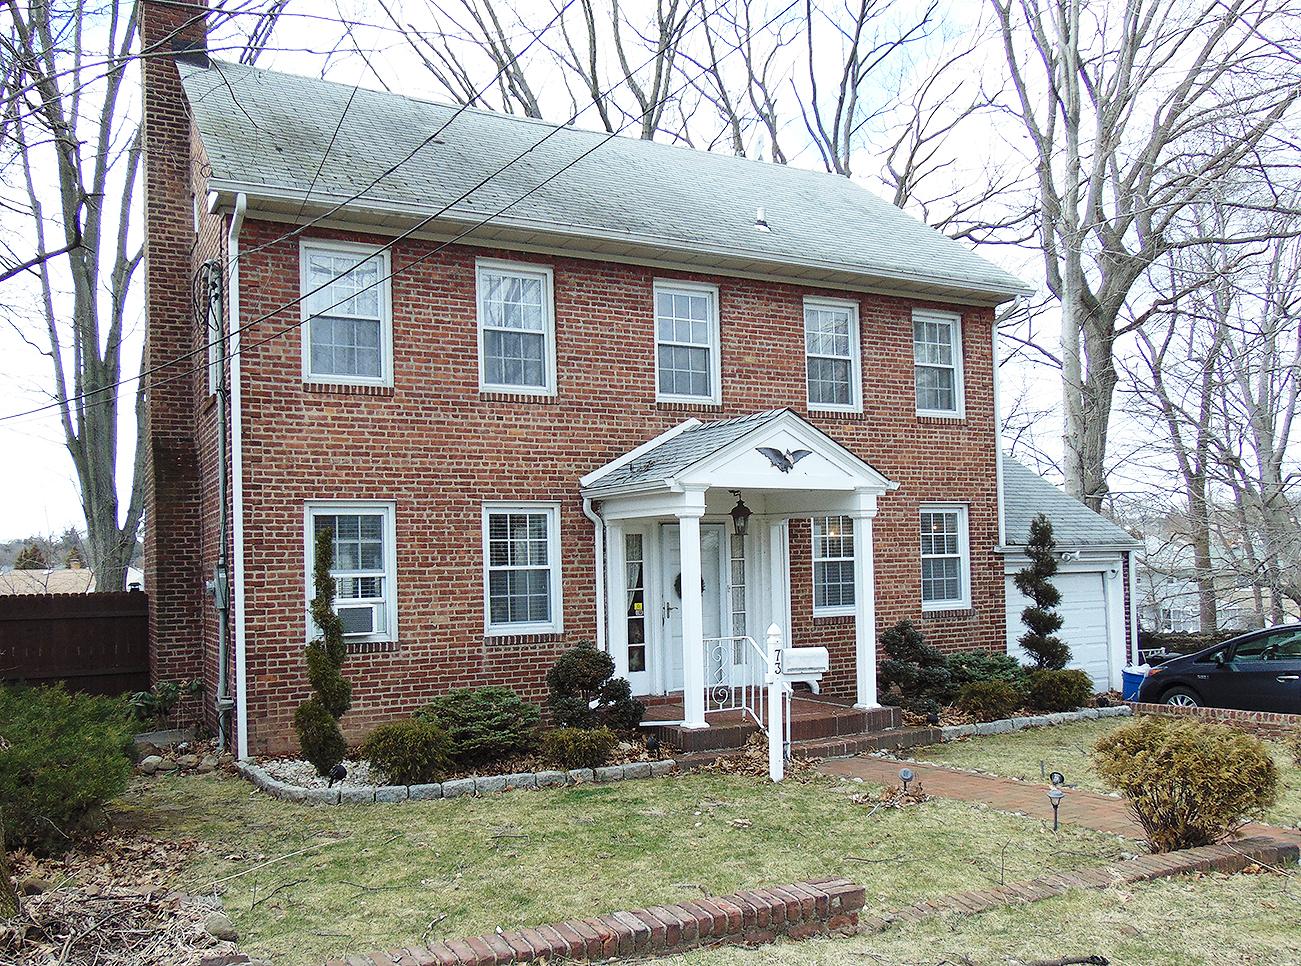 69-73 Hill St in Belleville NJ